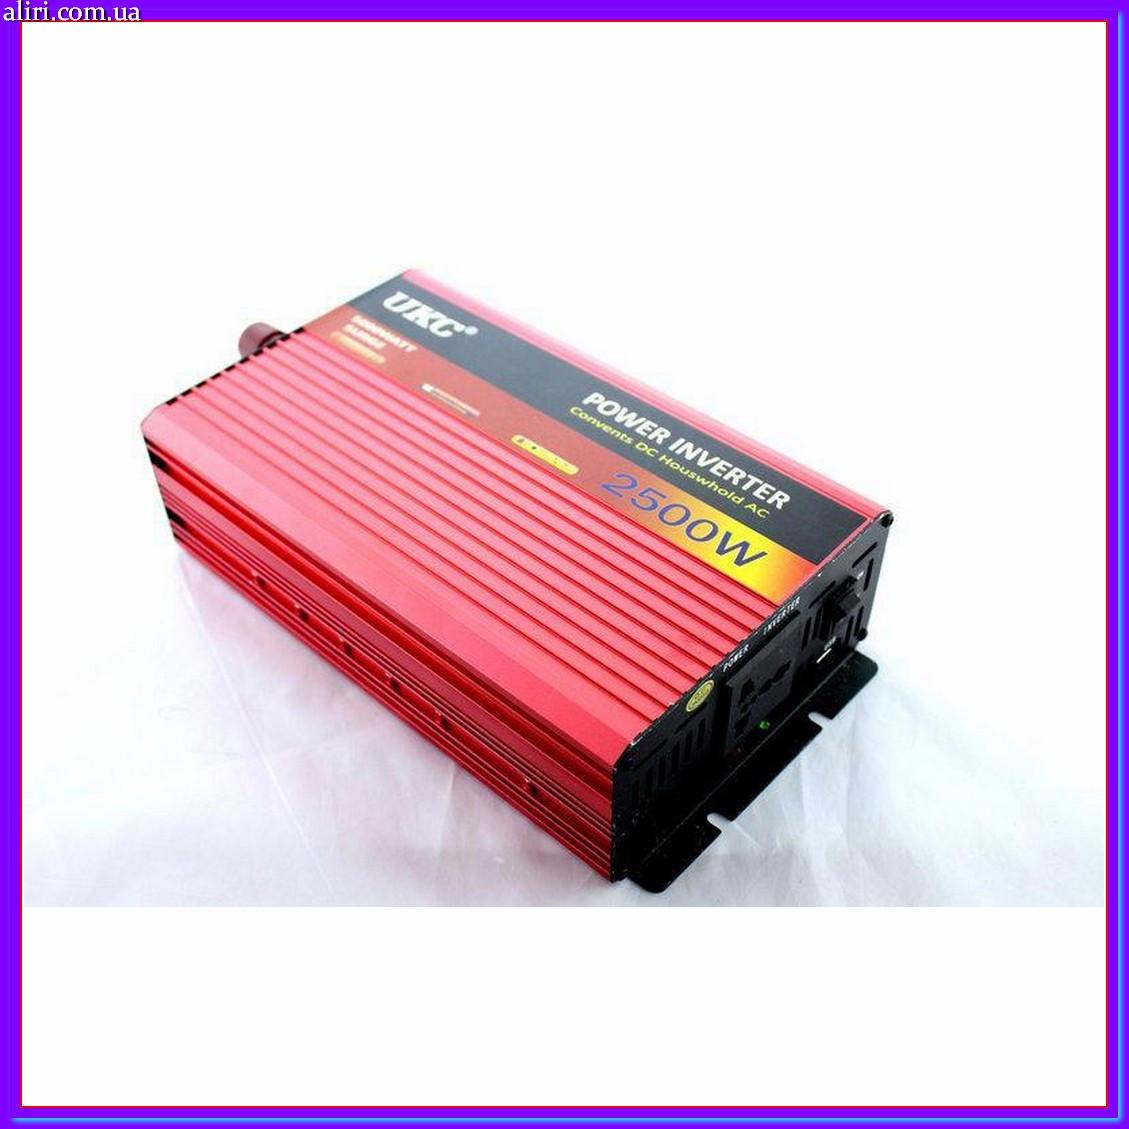 Преобразователь инвертор UKC AC/DCAR 2500W (c функциейплавного пуска преобразователя)